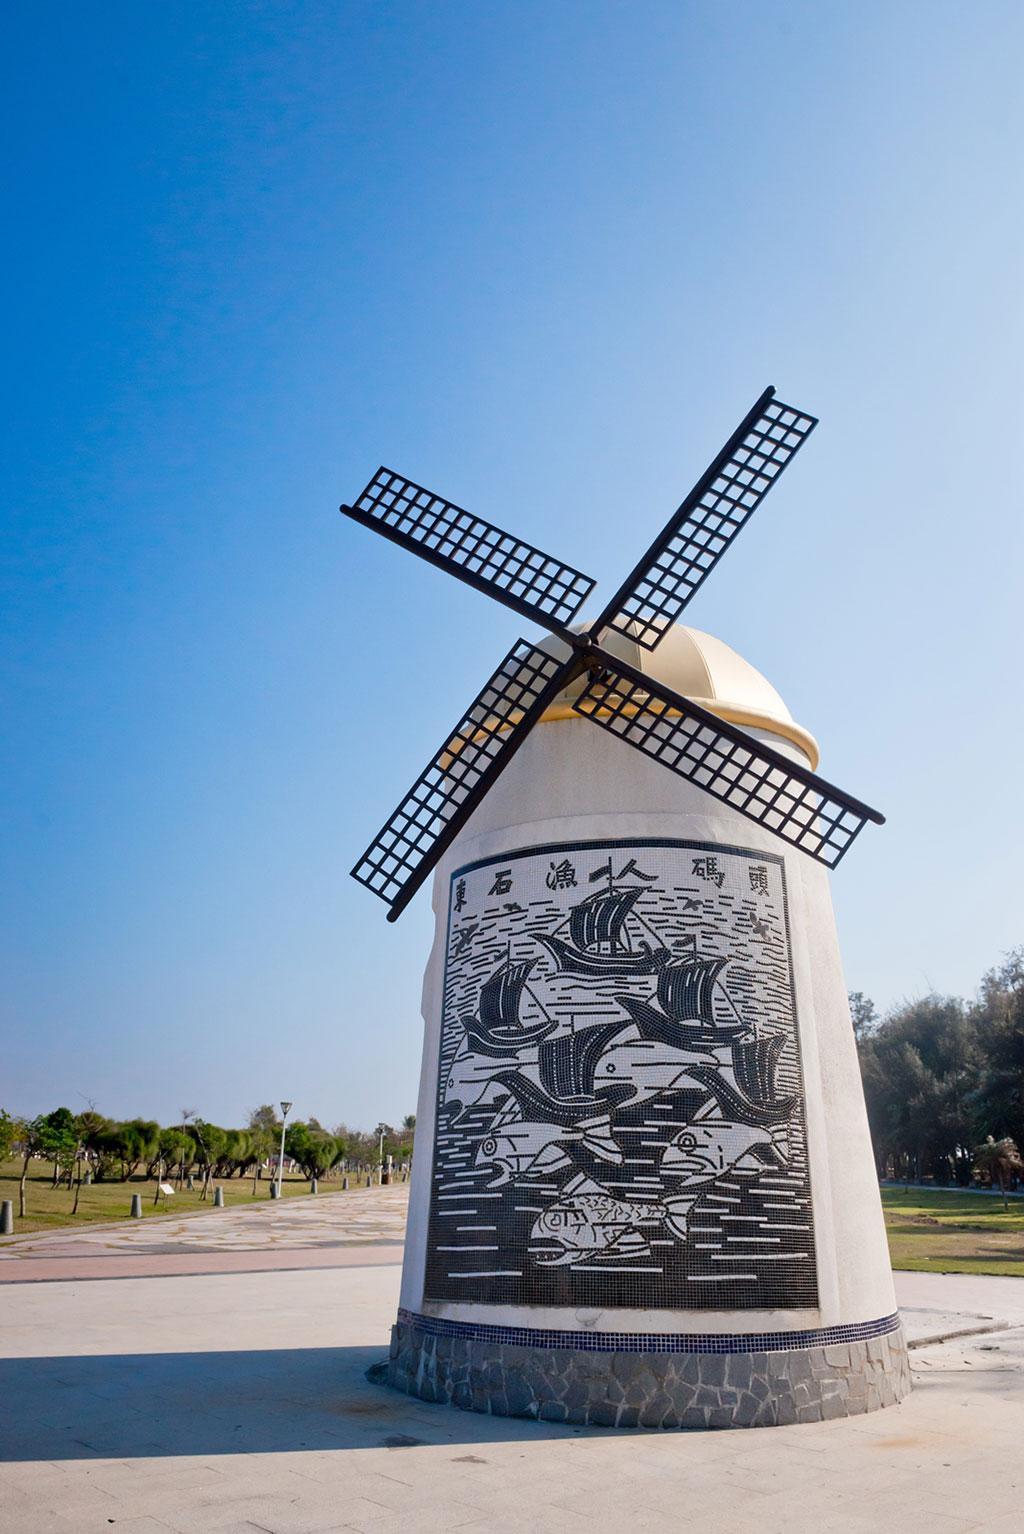 東石漁人埠頭-風車